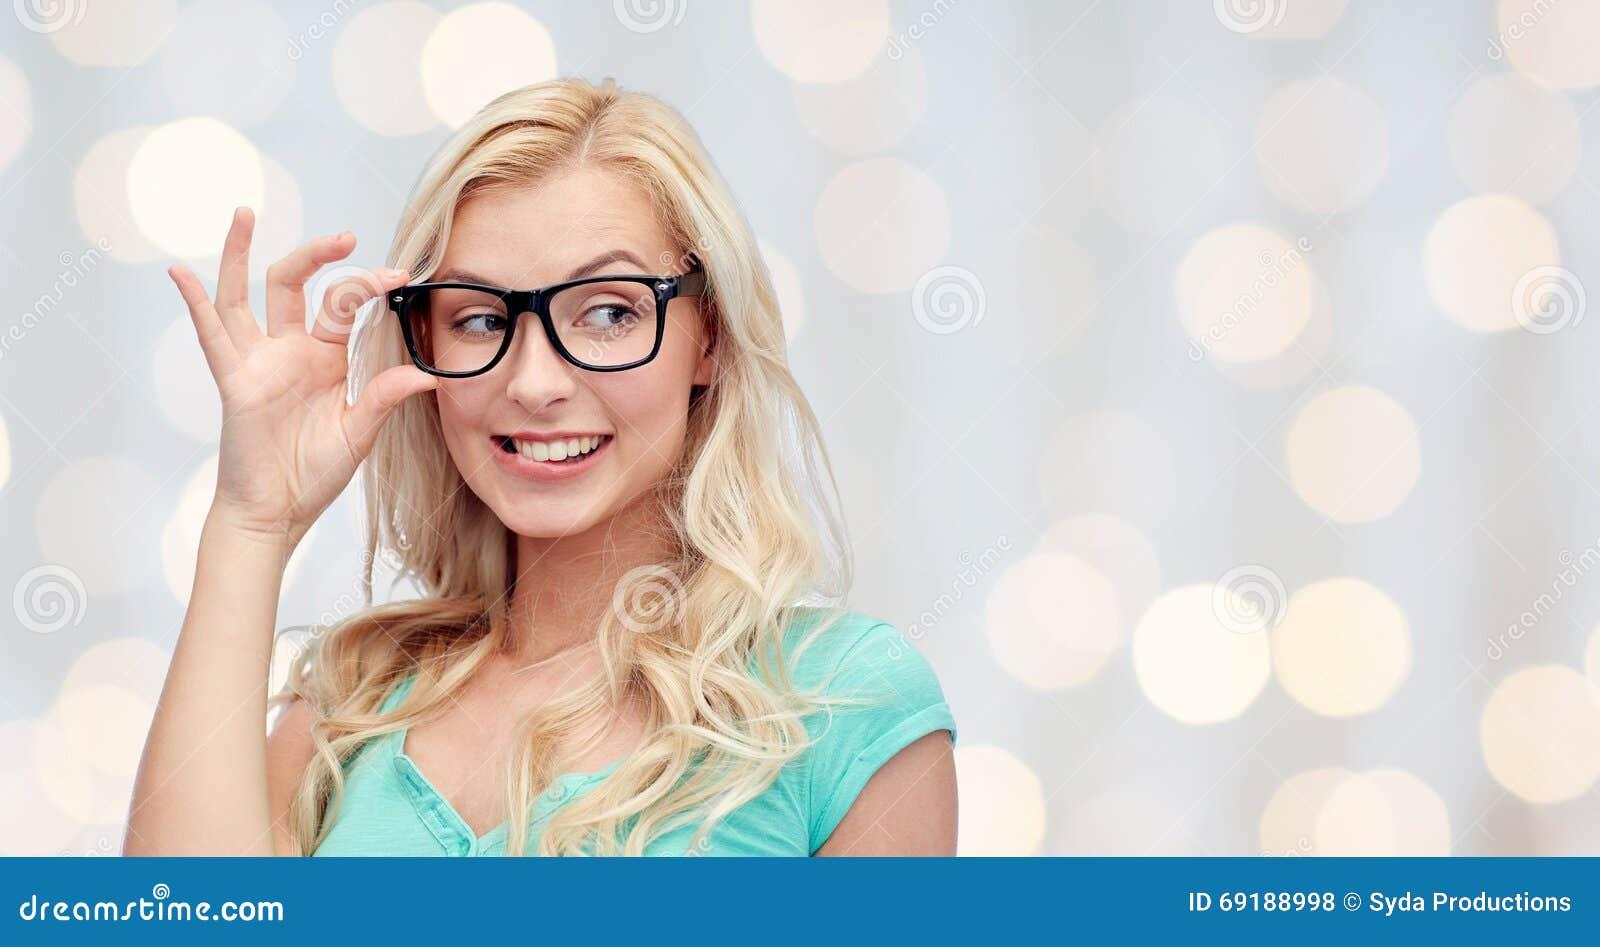 Modelo adolescente mujer joven